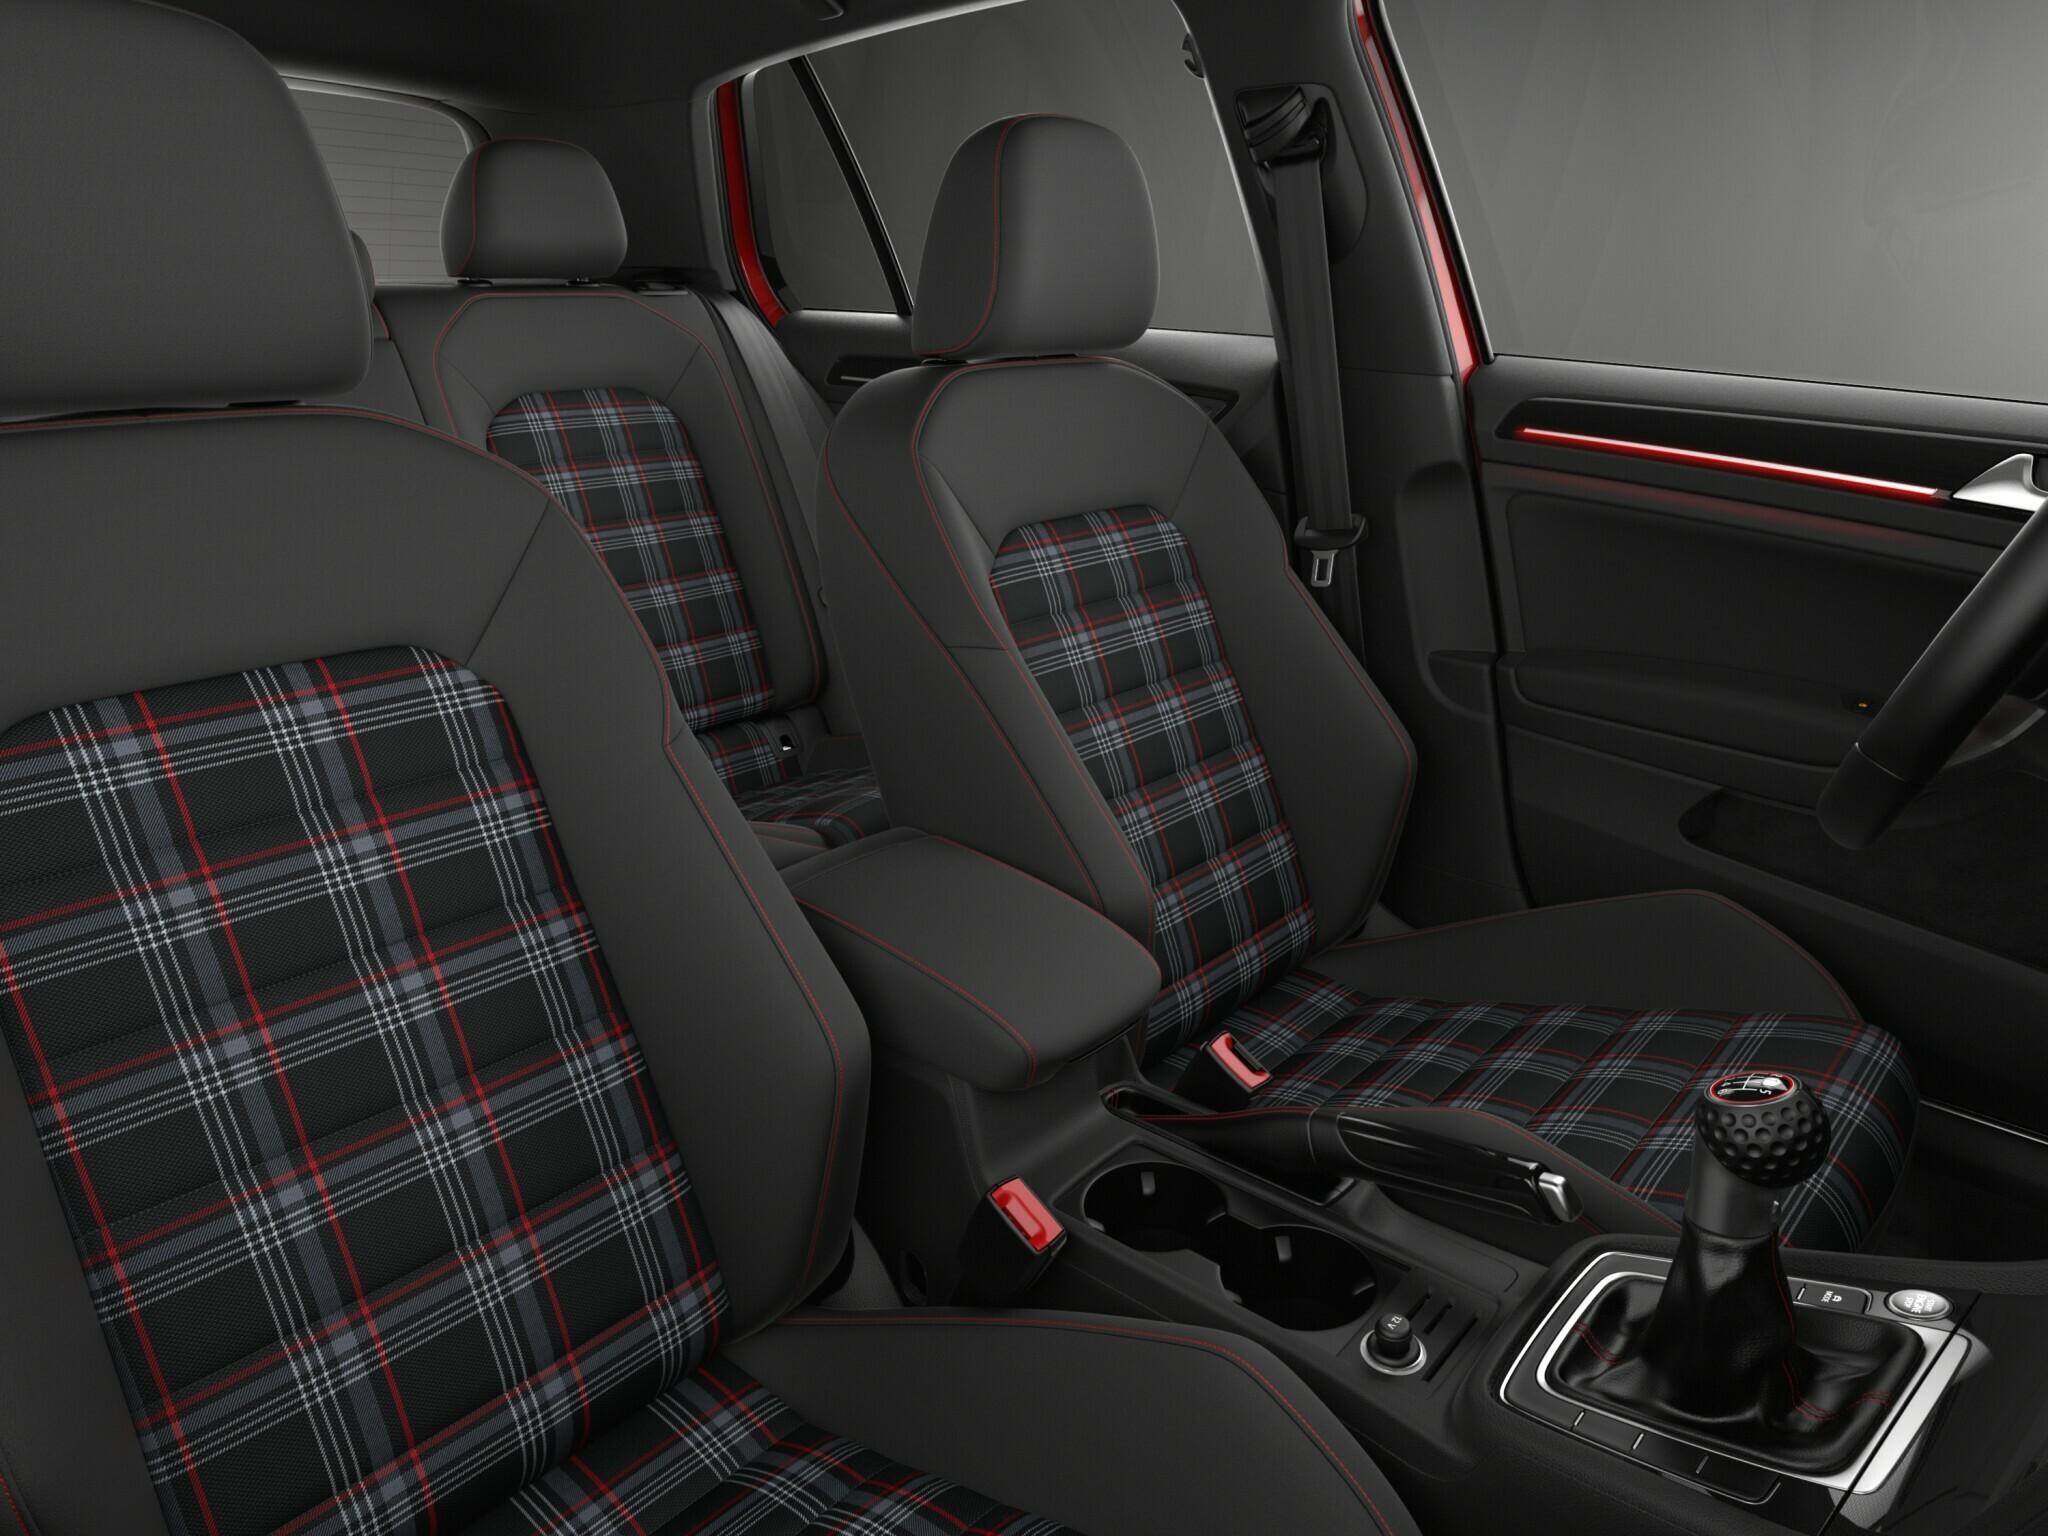 2017 VW GTI S 4 Door Trim Features | Volkswagen